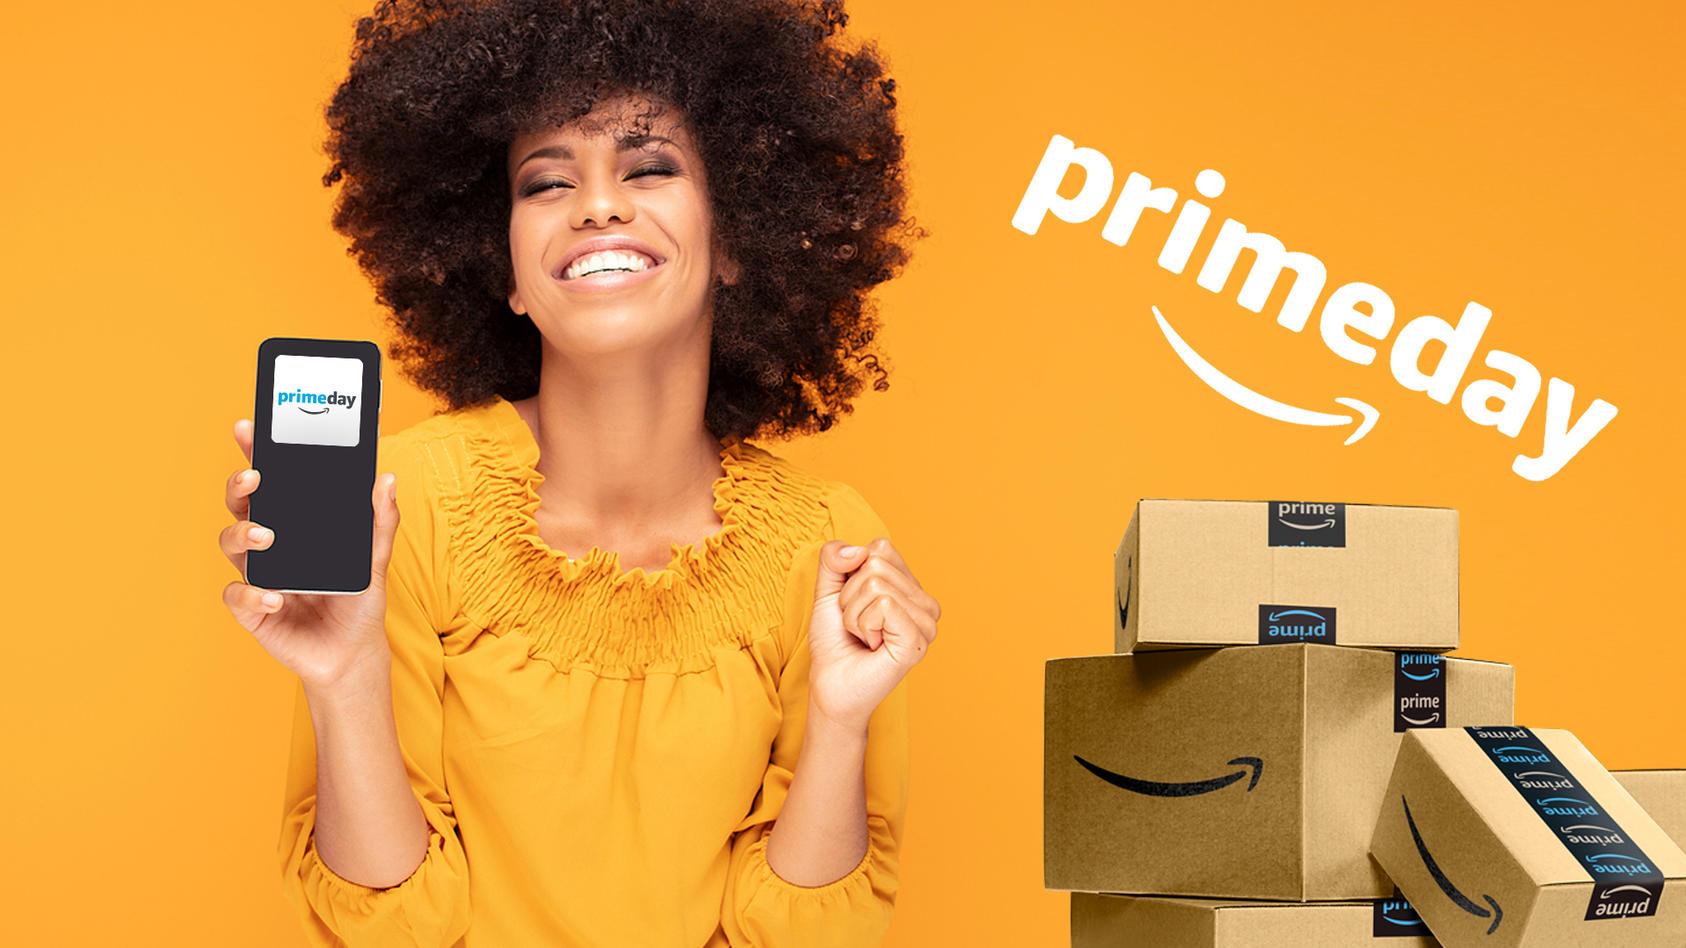 Am Prime Day 2020 waren jeden Menge Sonderangebote exklusiv für Amazon-Prime-Mitglieder verfügbar.